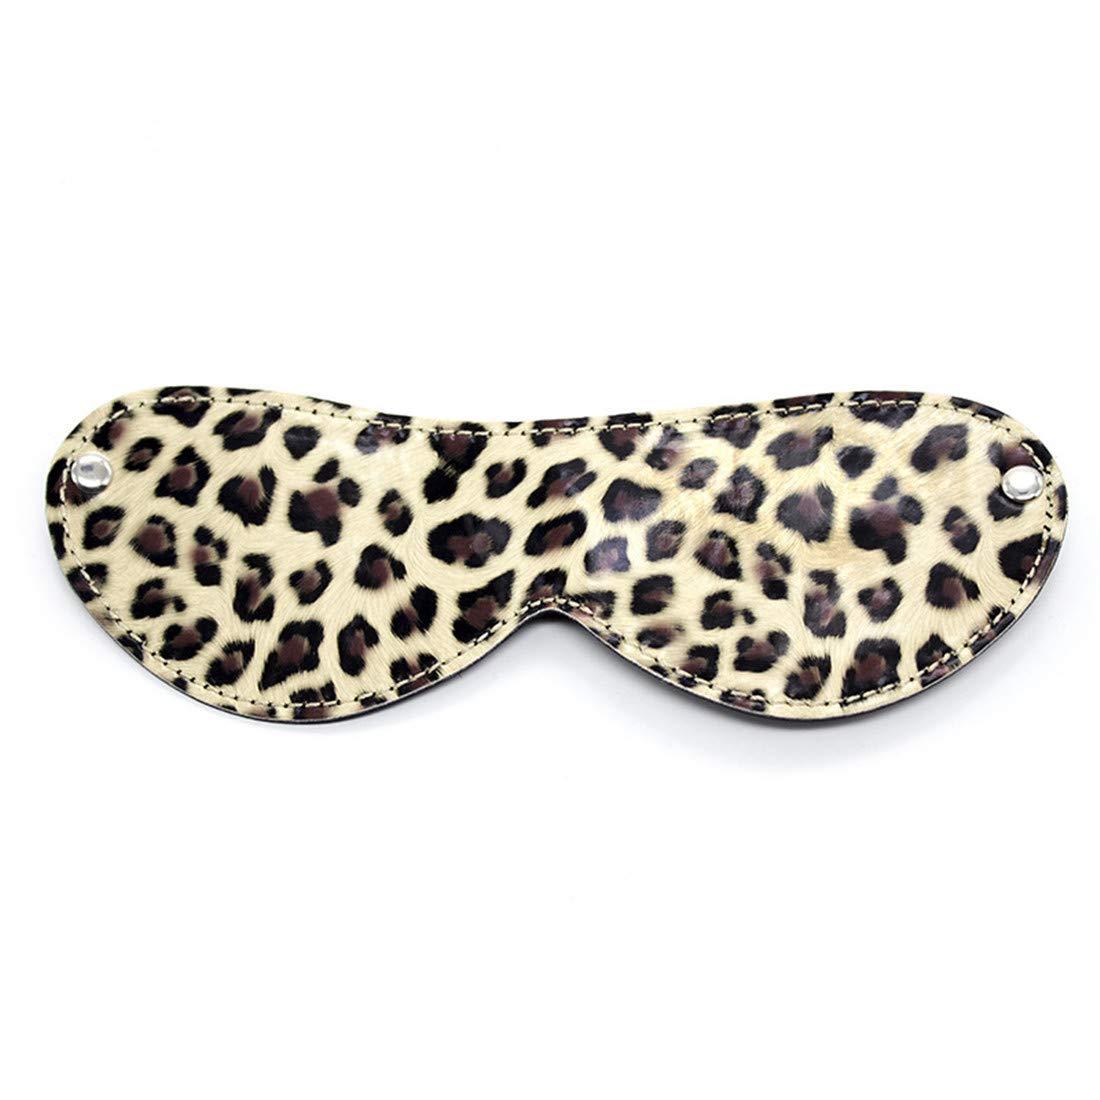 Igspfbjn Esposas con Estampado de Leopardo Puños de Tobillo Juegos para Juegos Tobillo de Pareja de Boudage Sexual, Juego de 8 Piezas 7ef820